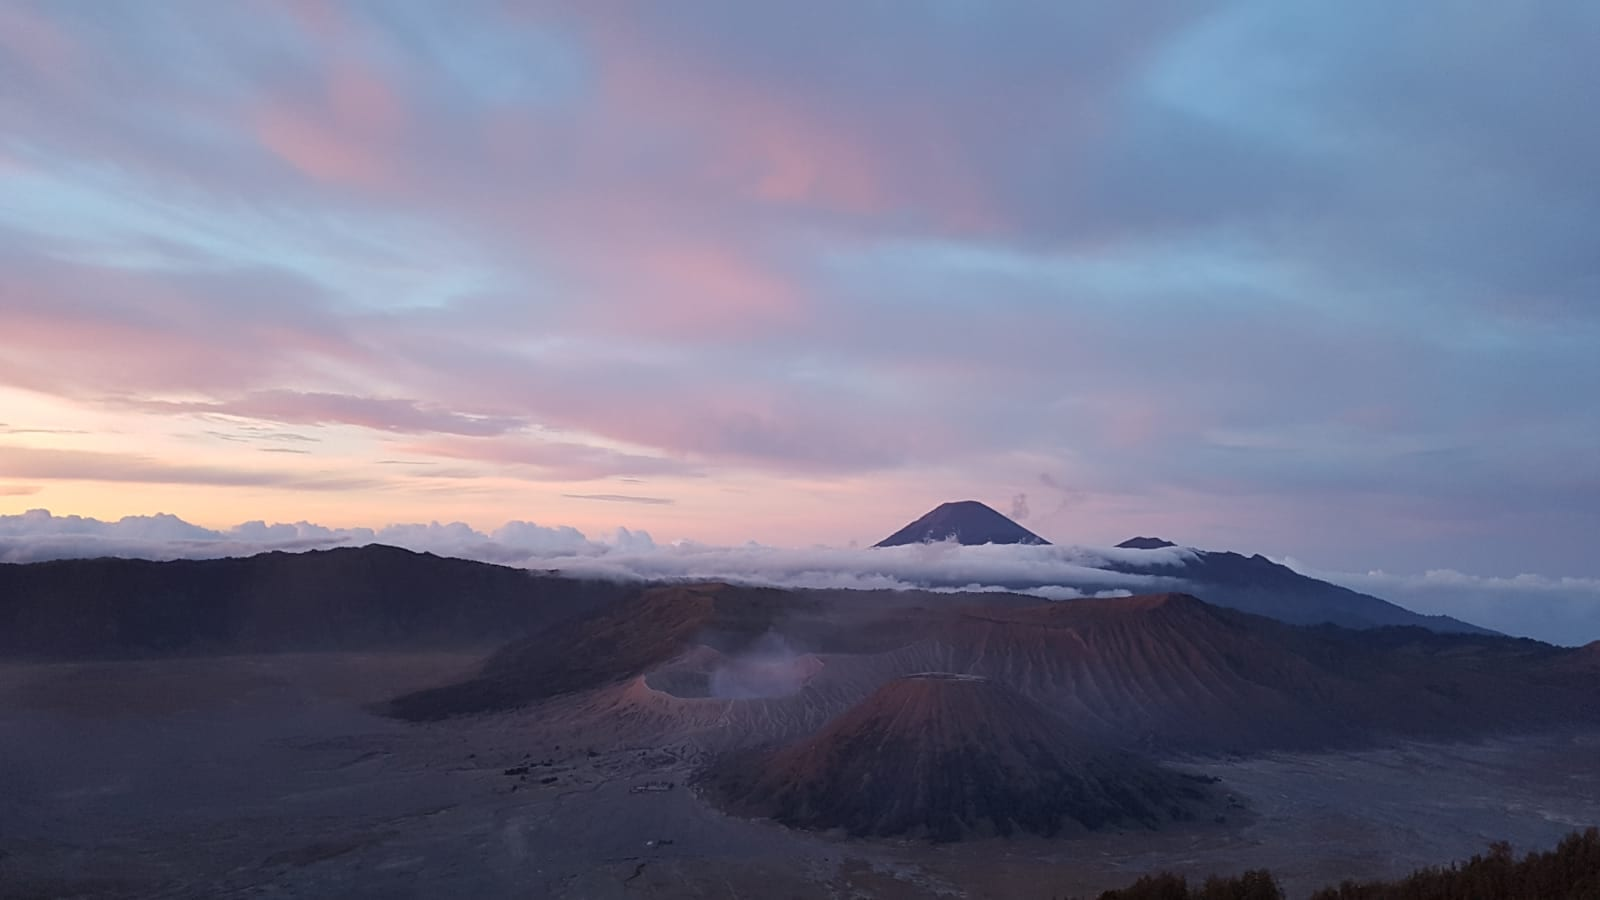 Zicht op de Bromo vulkaan bij zonsopgang